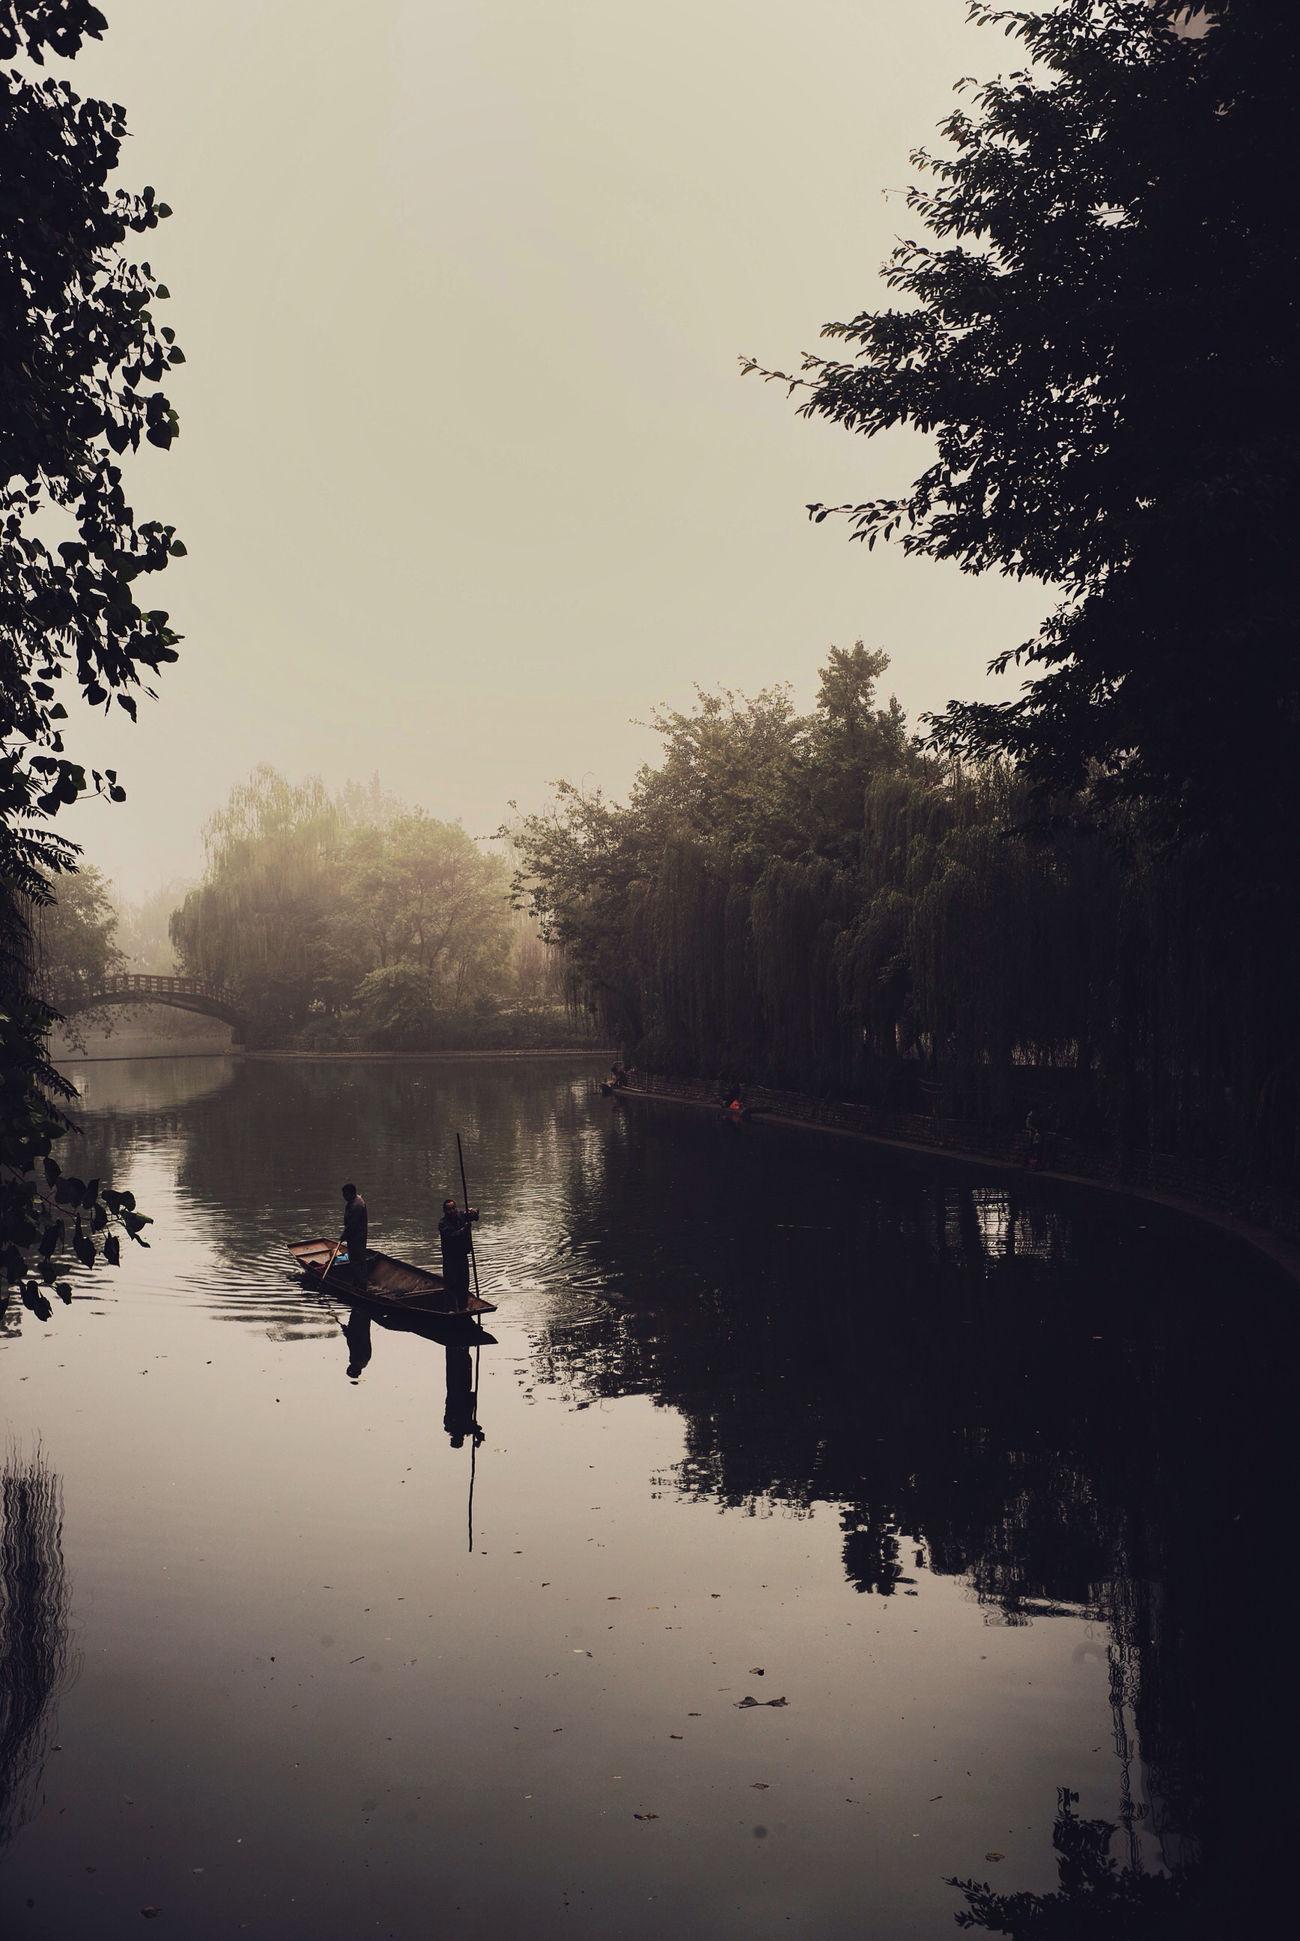 Boat Chengdu China Chengdu City China Fog Foggy Morning Foggy Weather Morning